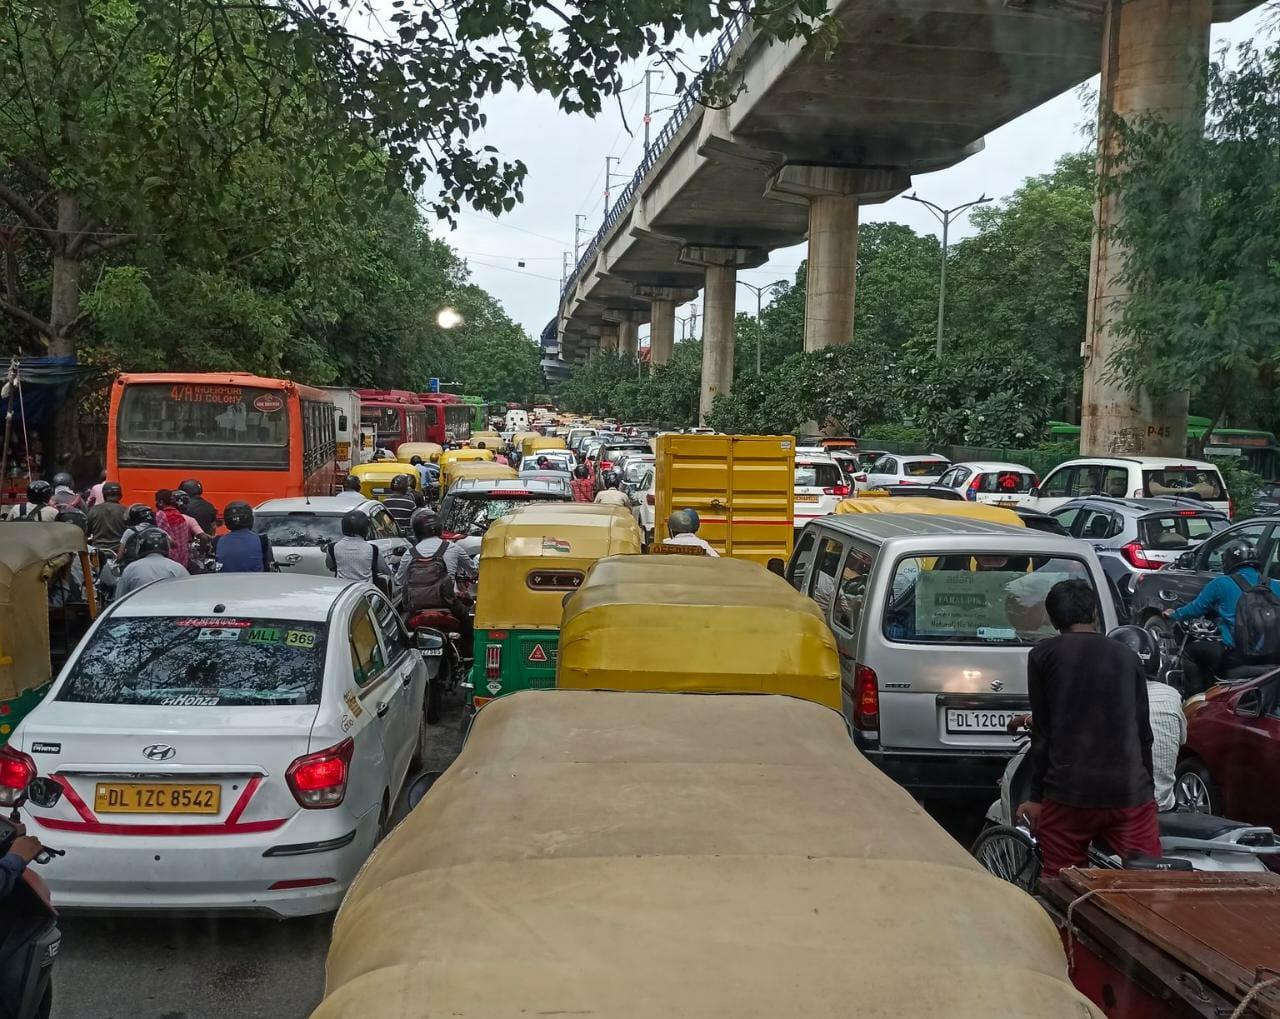 किसान आंदोलन के चलते दिल्ली पुलिस ने कई रास्ते बंद कर दिए हैं।